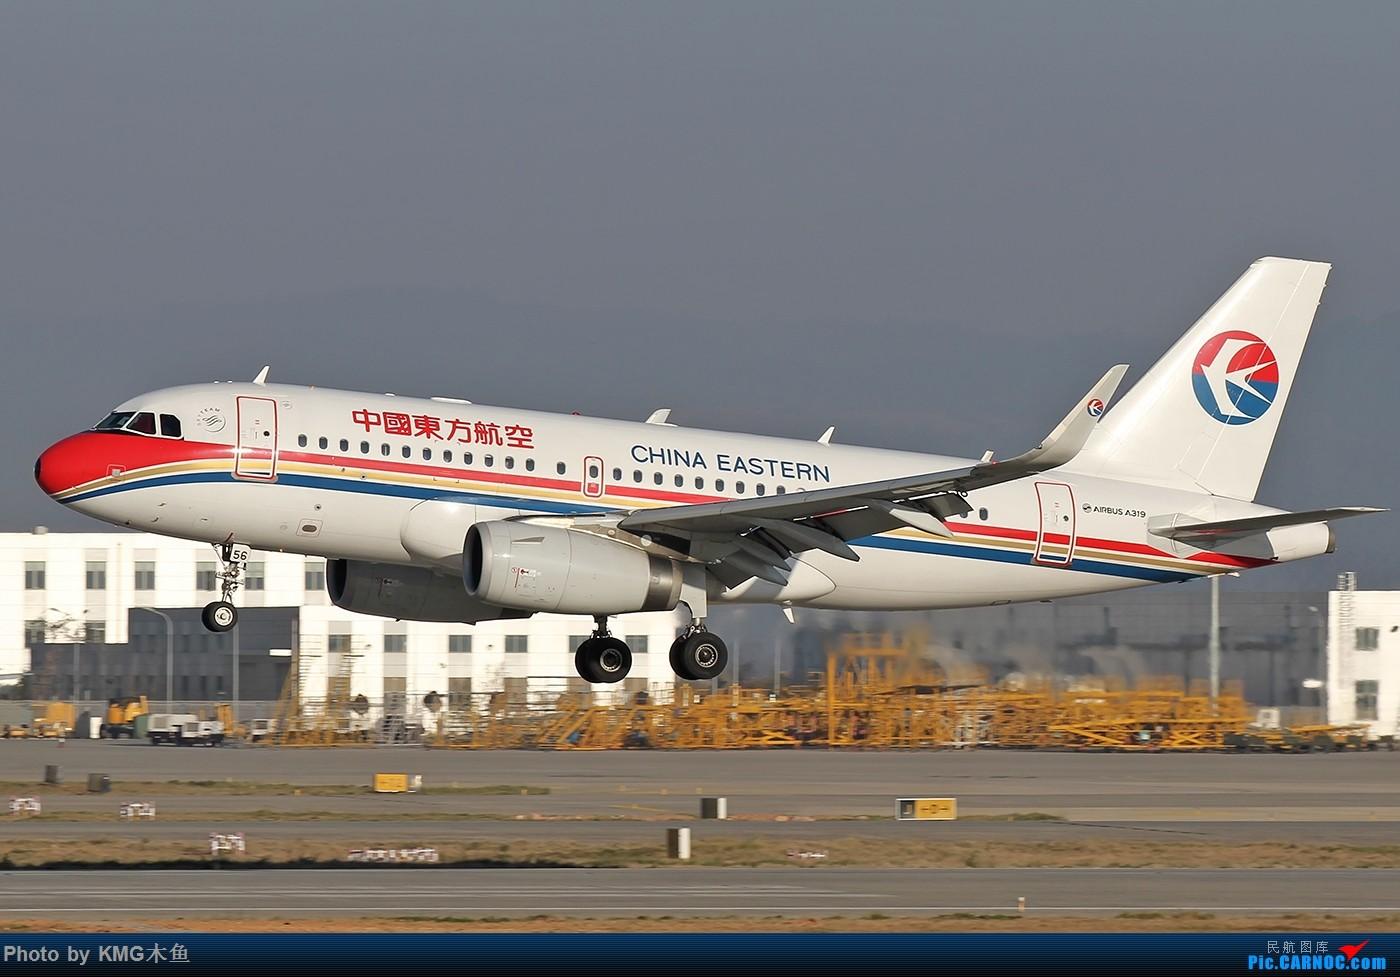 Re:[原创]【昆明飞友会—KMG木鱼】昆明的天空很蓝,昆明的光线很实在,不信进来看 AIRBUS A319-100 B-6456 中国昆明长水国际机场